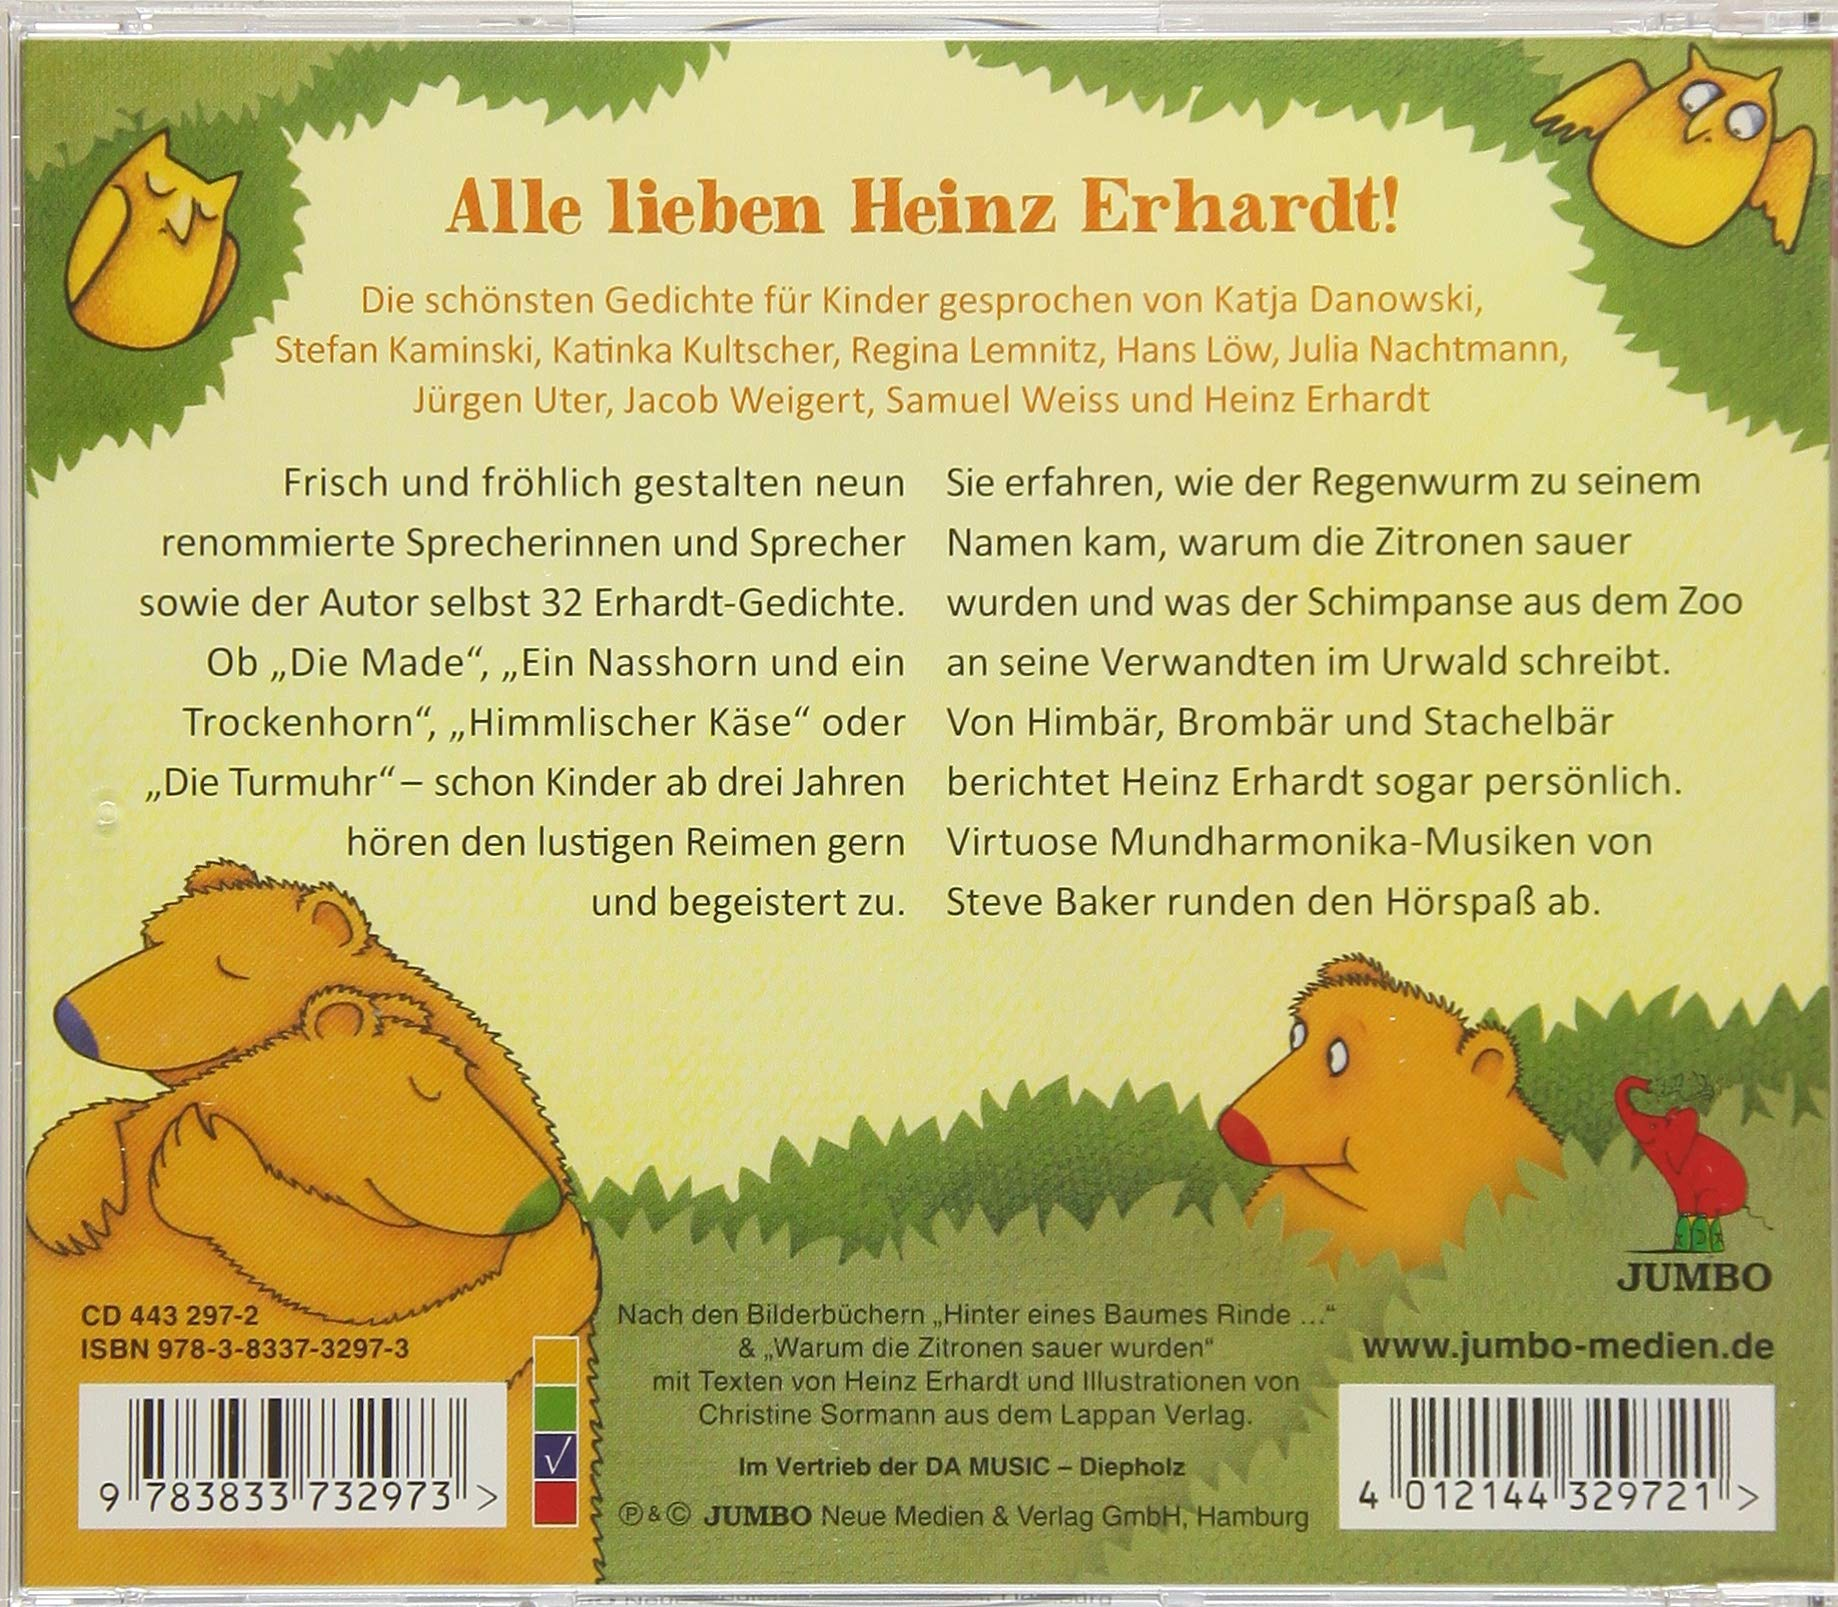 Heinz Erhardt Für Kinder 31 Gedichte Und Nochn Gedicht